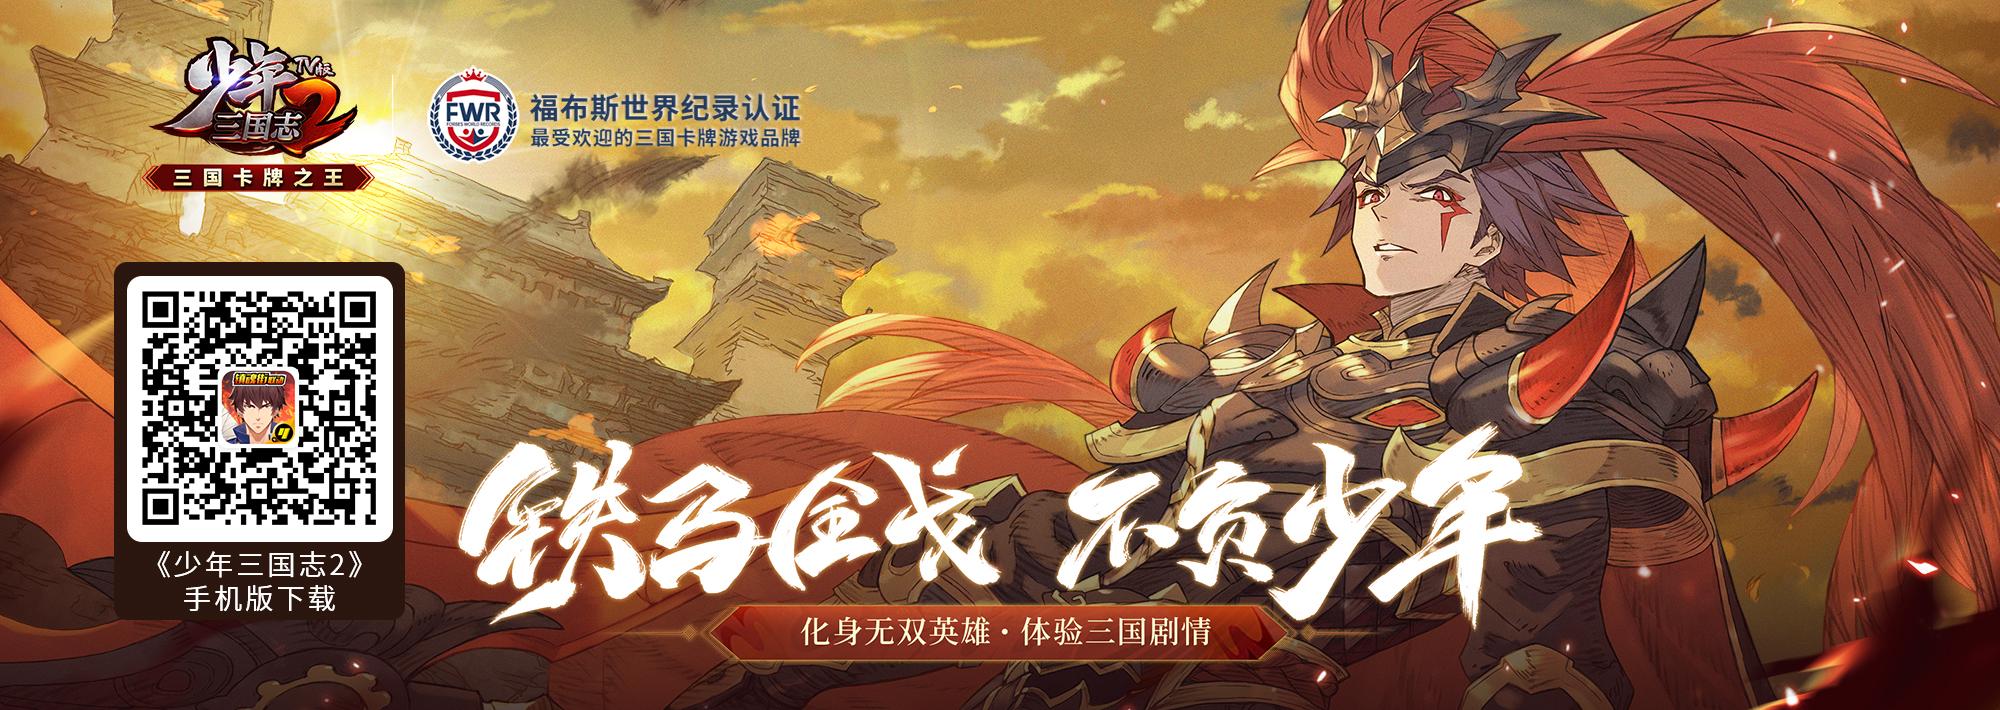 电视游戏_少年三国2 震撼上线